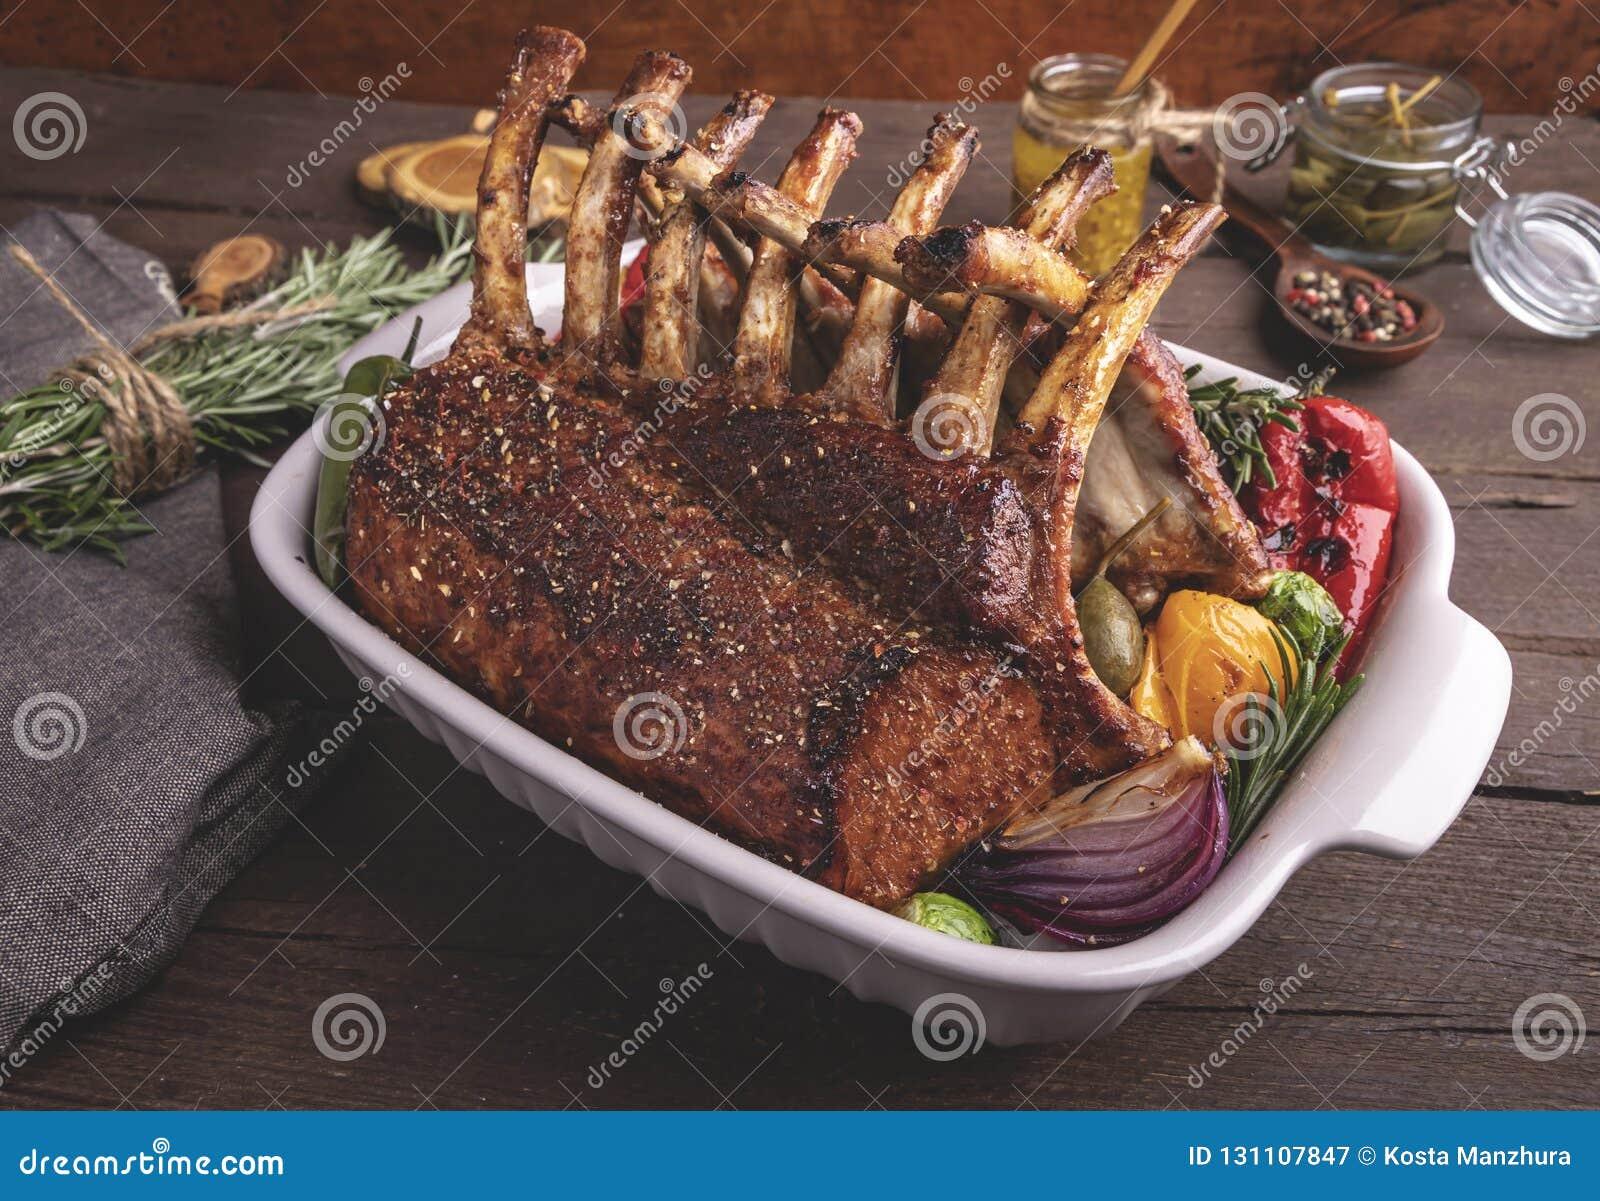 Grilled зажарило в духовке шкаф овечки с овощами Обедающий барбекю Зажаренные отбивные котлеты мяса овечки